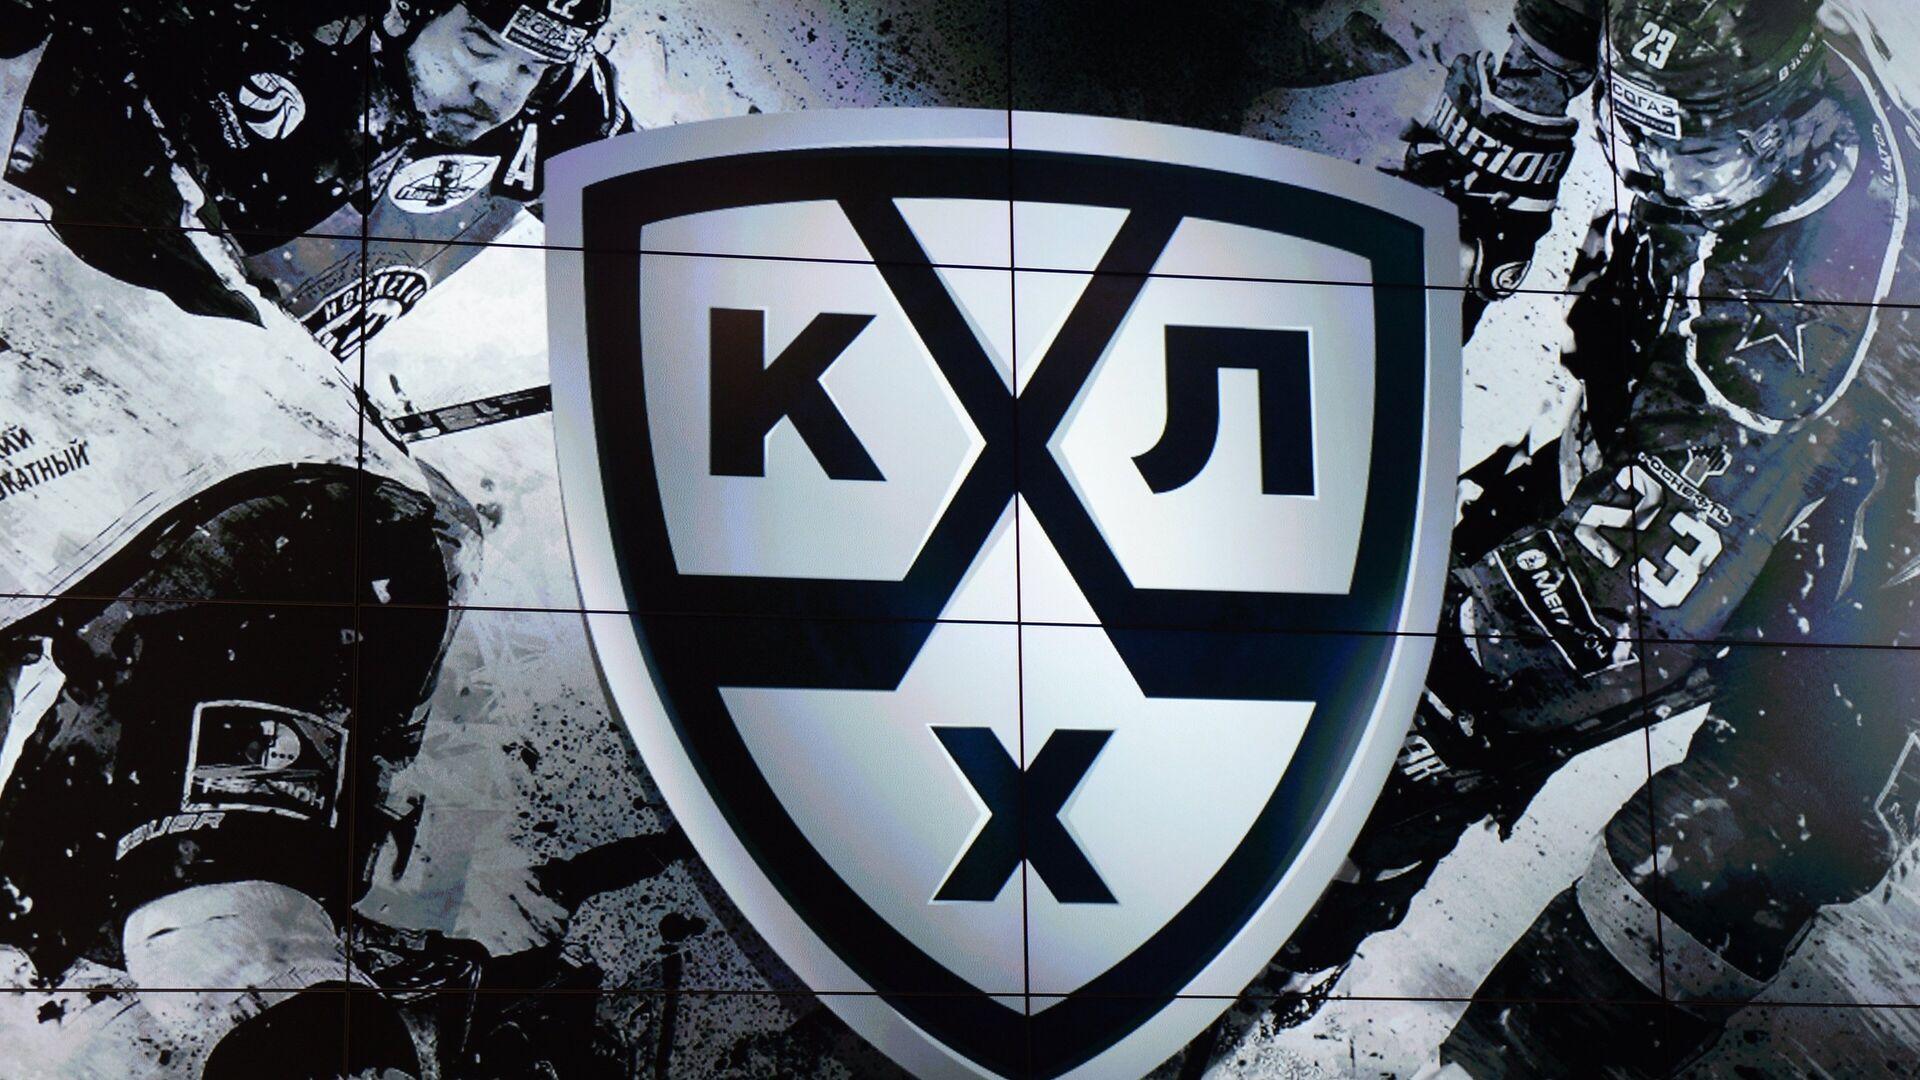 Логотип Континентальной хоккейной лиги (КХЛ) на демонстрационном экране во время презентации нового фирменного стиля КХЛ в Москве - РИА Новости, 1920, 02.01.2021